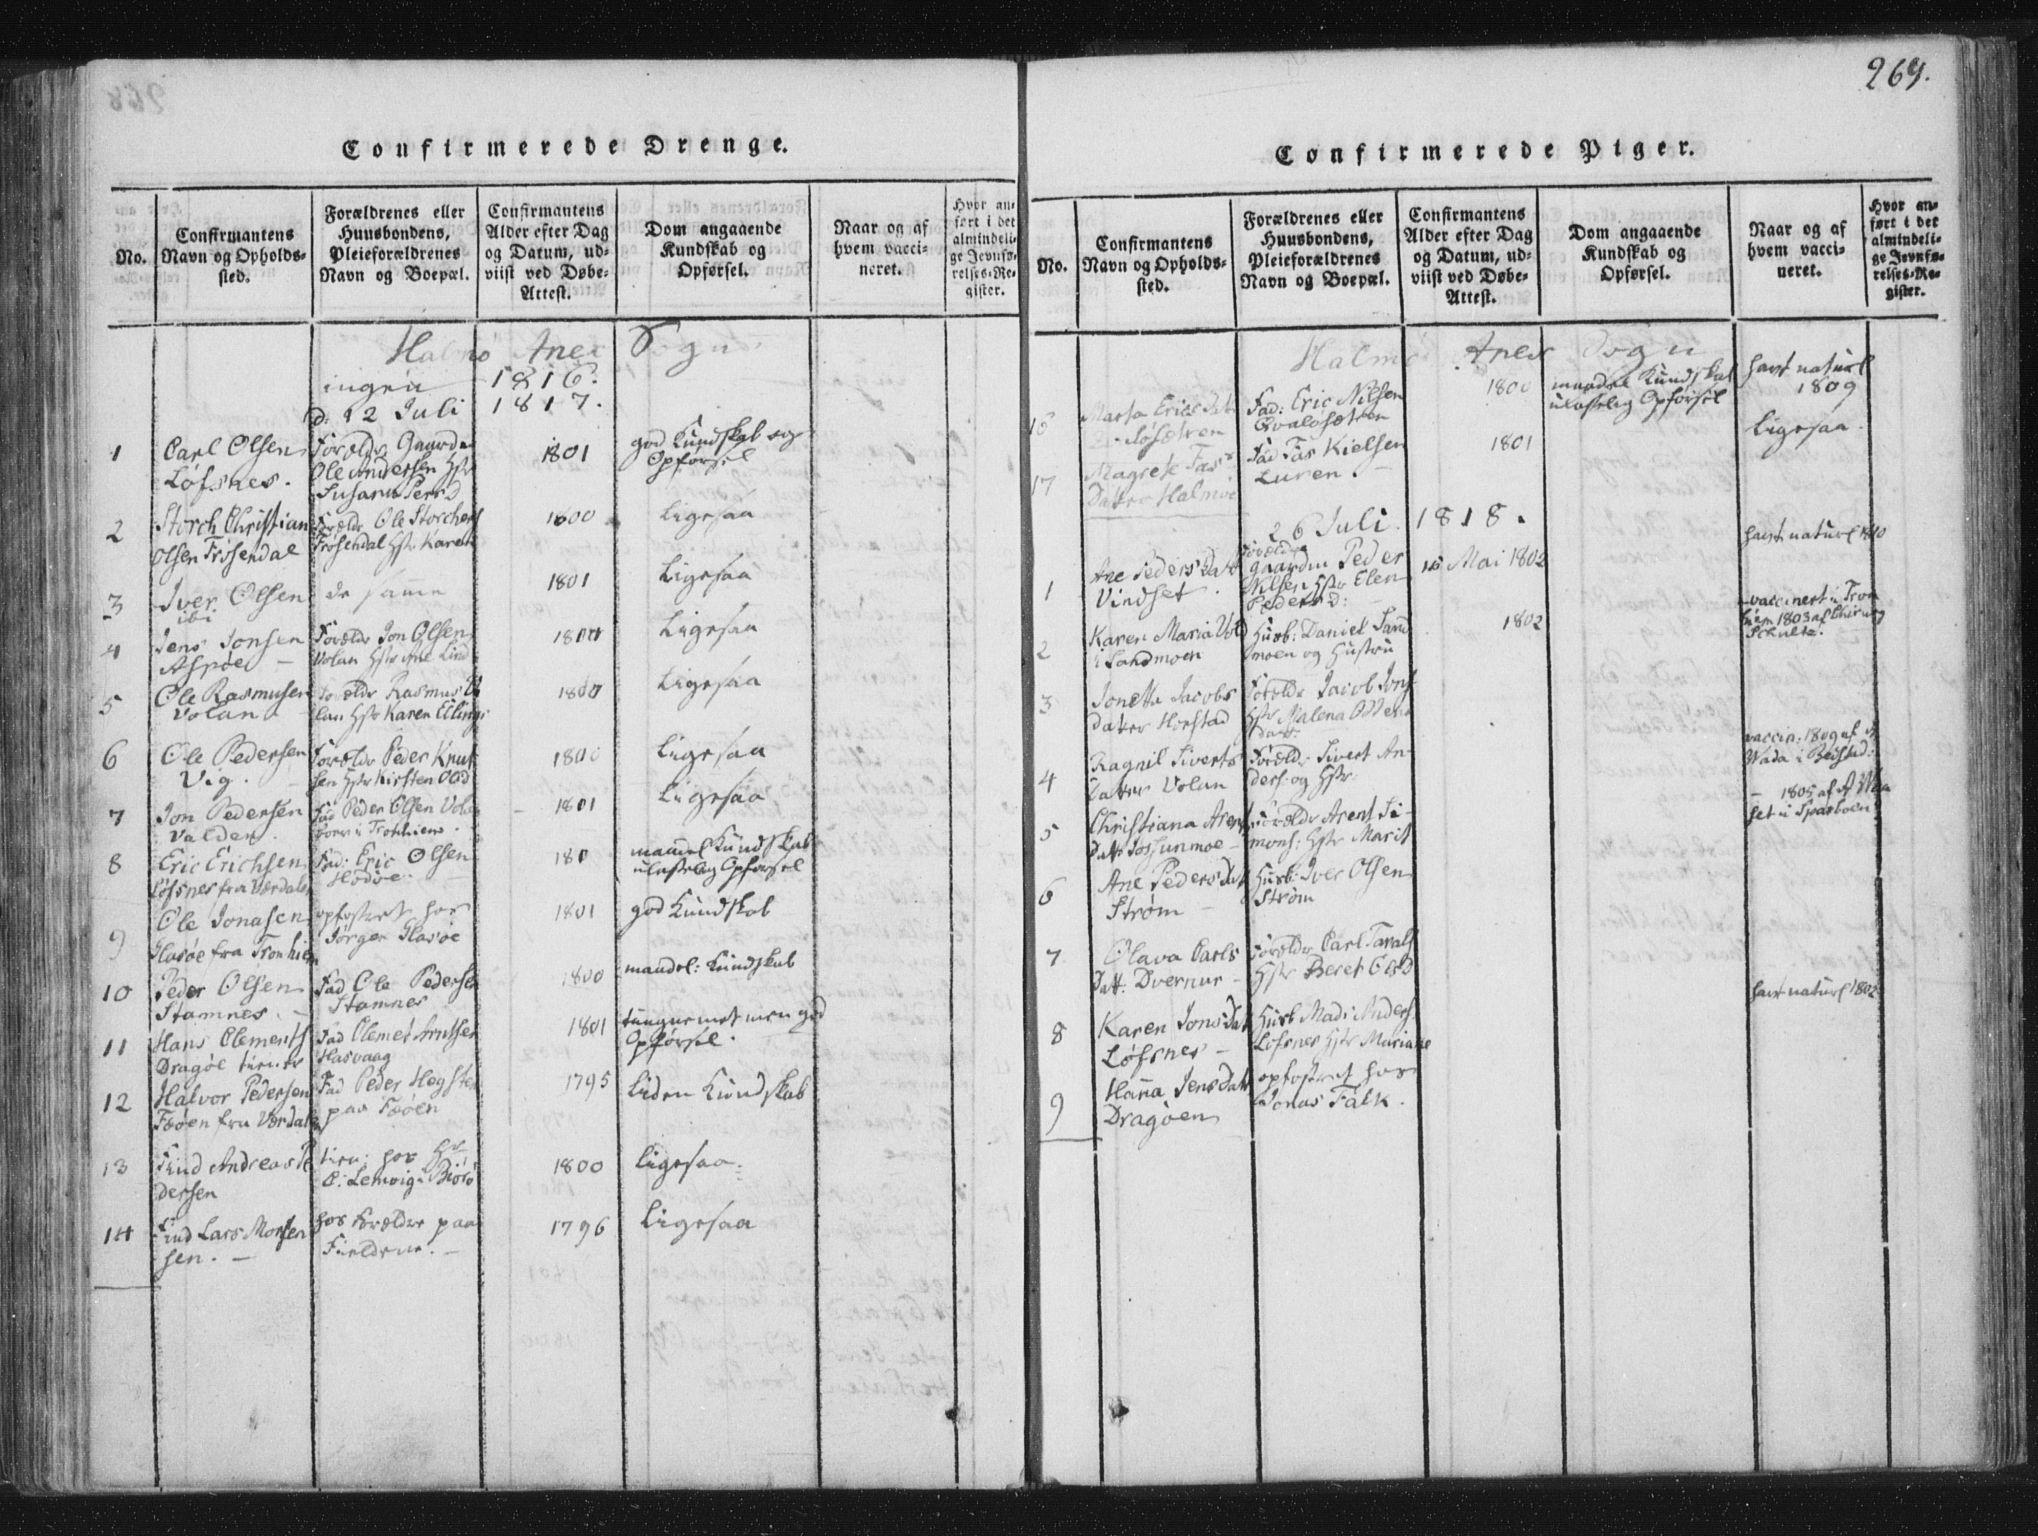 SAT, Ministerialprotokoller, klokkerbøker og fødselsregistre - Nord-Trøndelag, 773/L0609: Ministerialbok nr. 773A03 /3, 1815-1830, s. 269